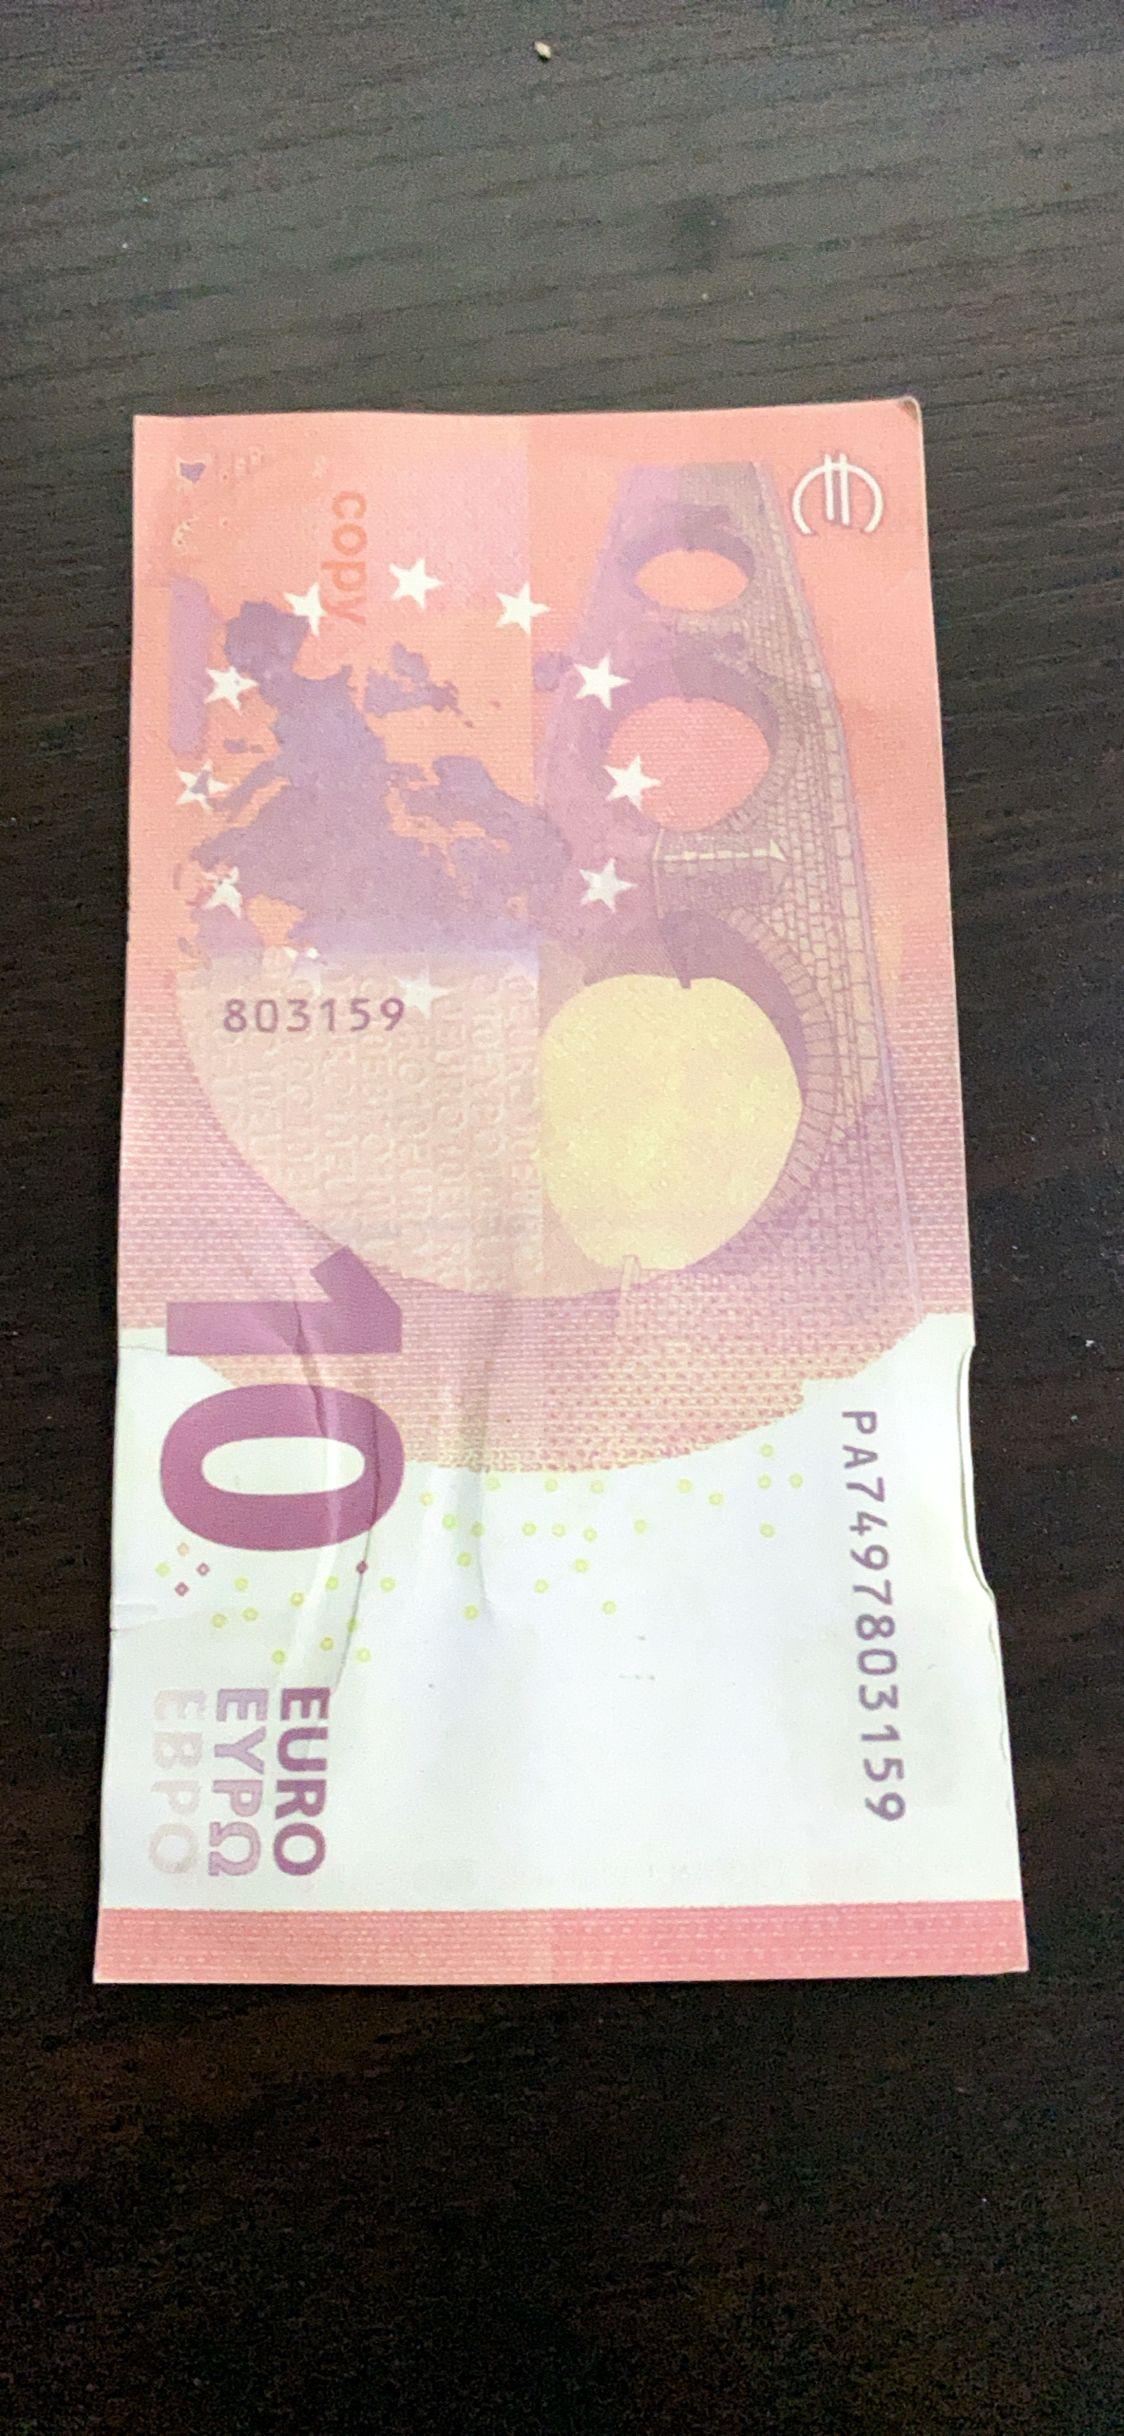 10 Uds. De dinero de juguete de broma, dinero de tamaño Real 20 50 Euro, billetes de Euro, fiesta grande, joyería de boda, no dinero real